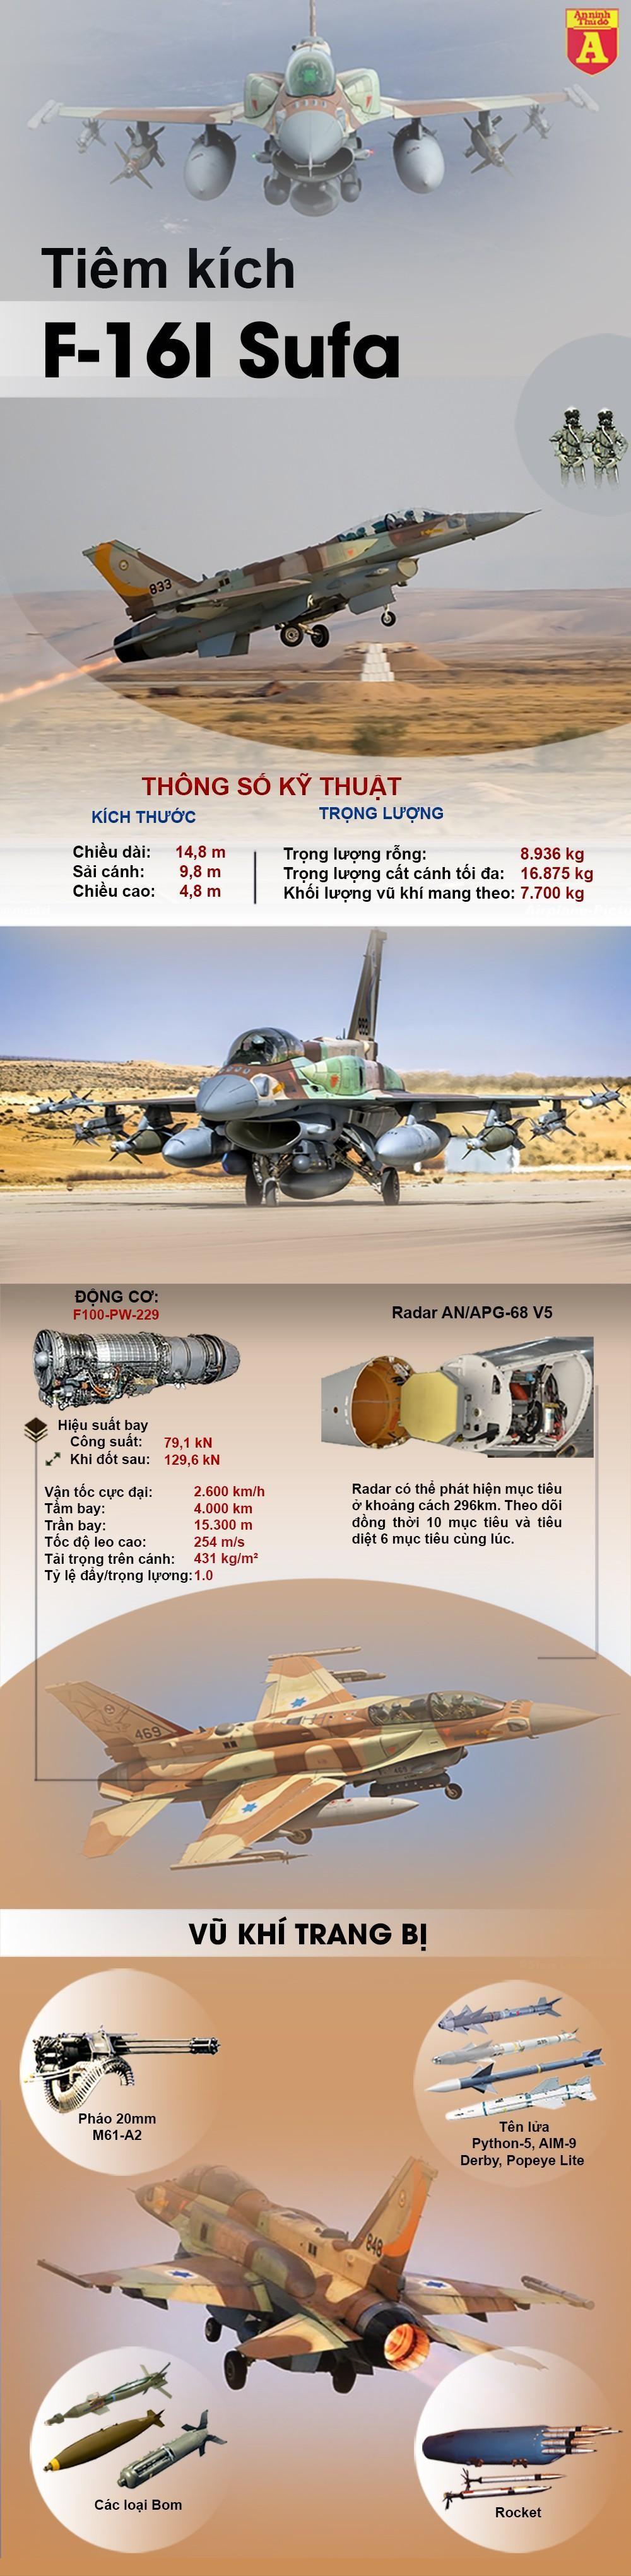 [Info] Tại sao F-16I lại trở thành máy bay chủ lực Israel trong không kích Syria ảnh 2